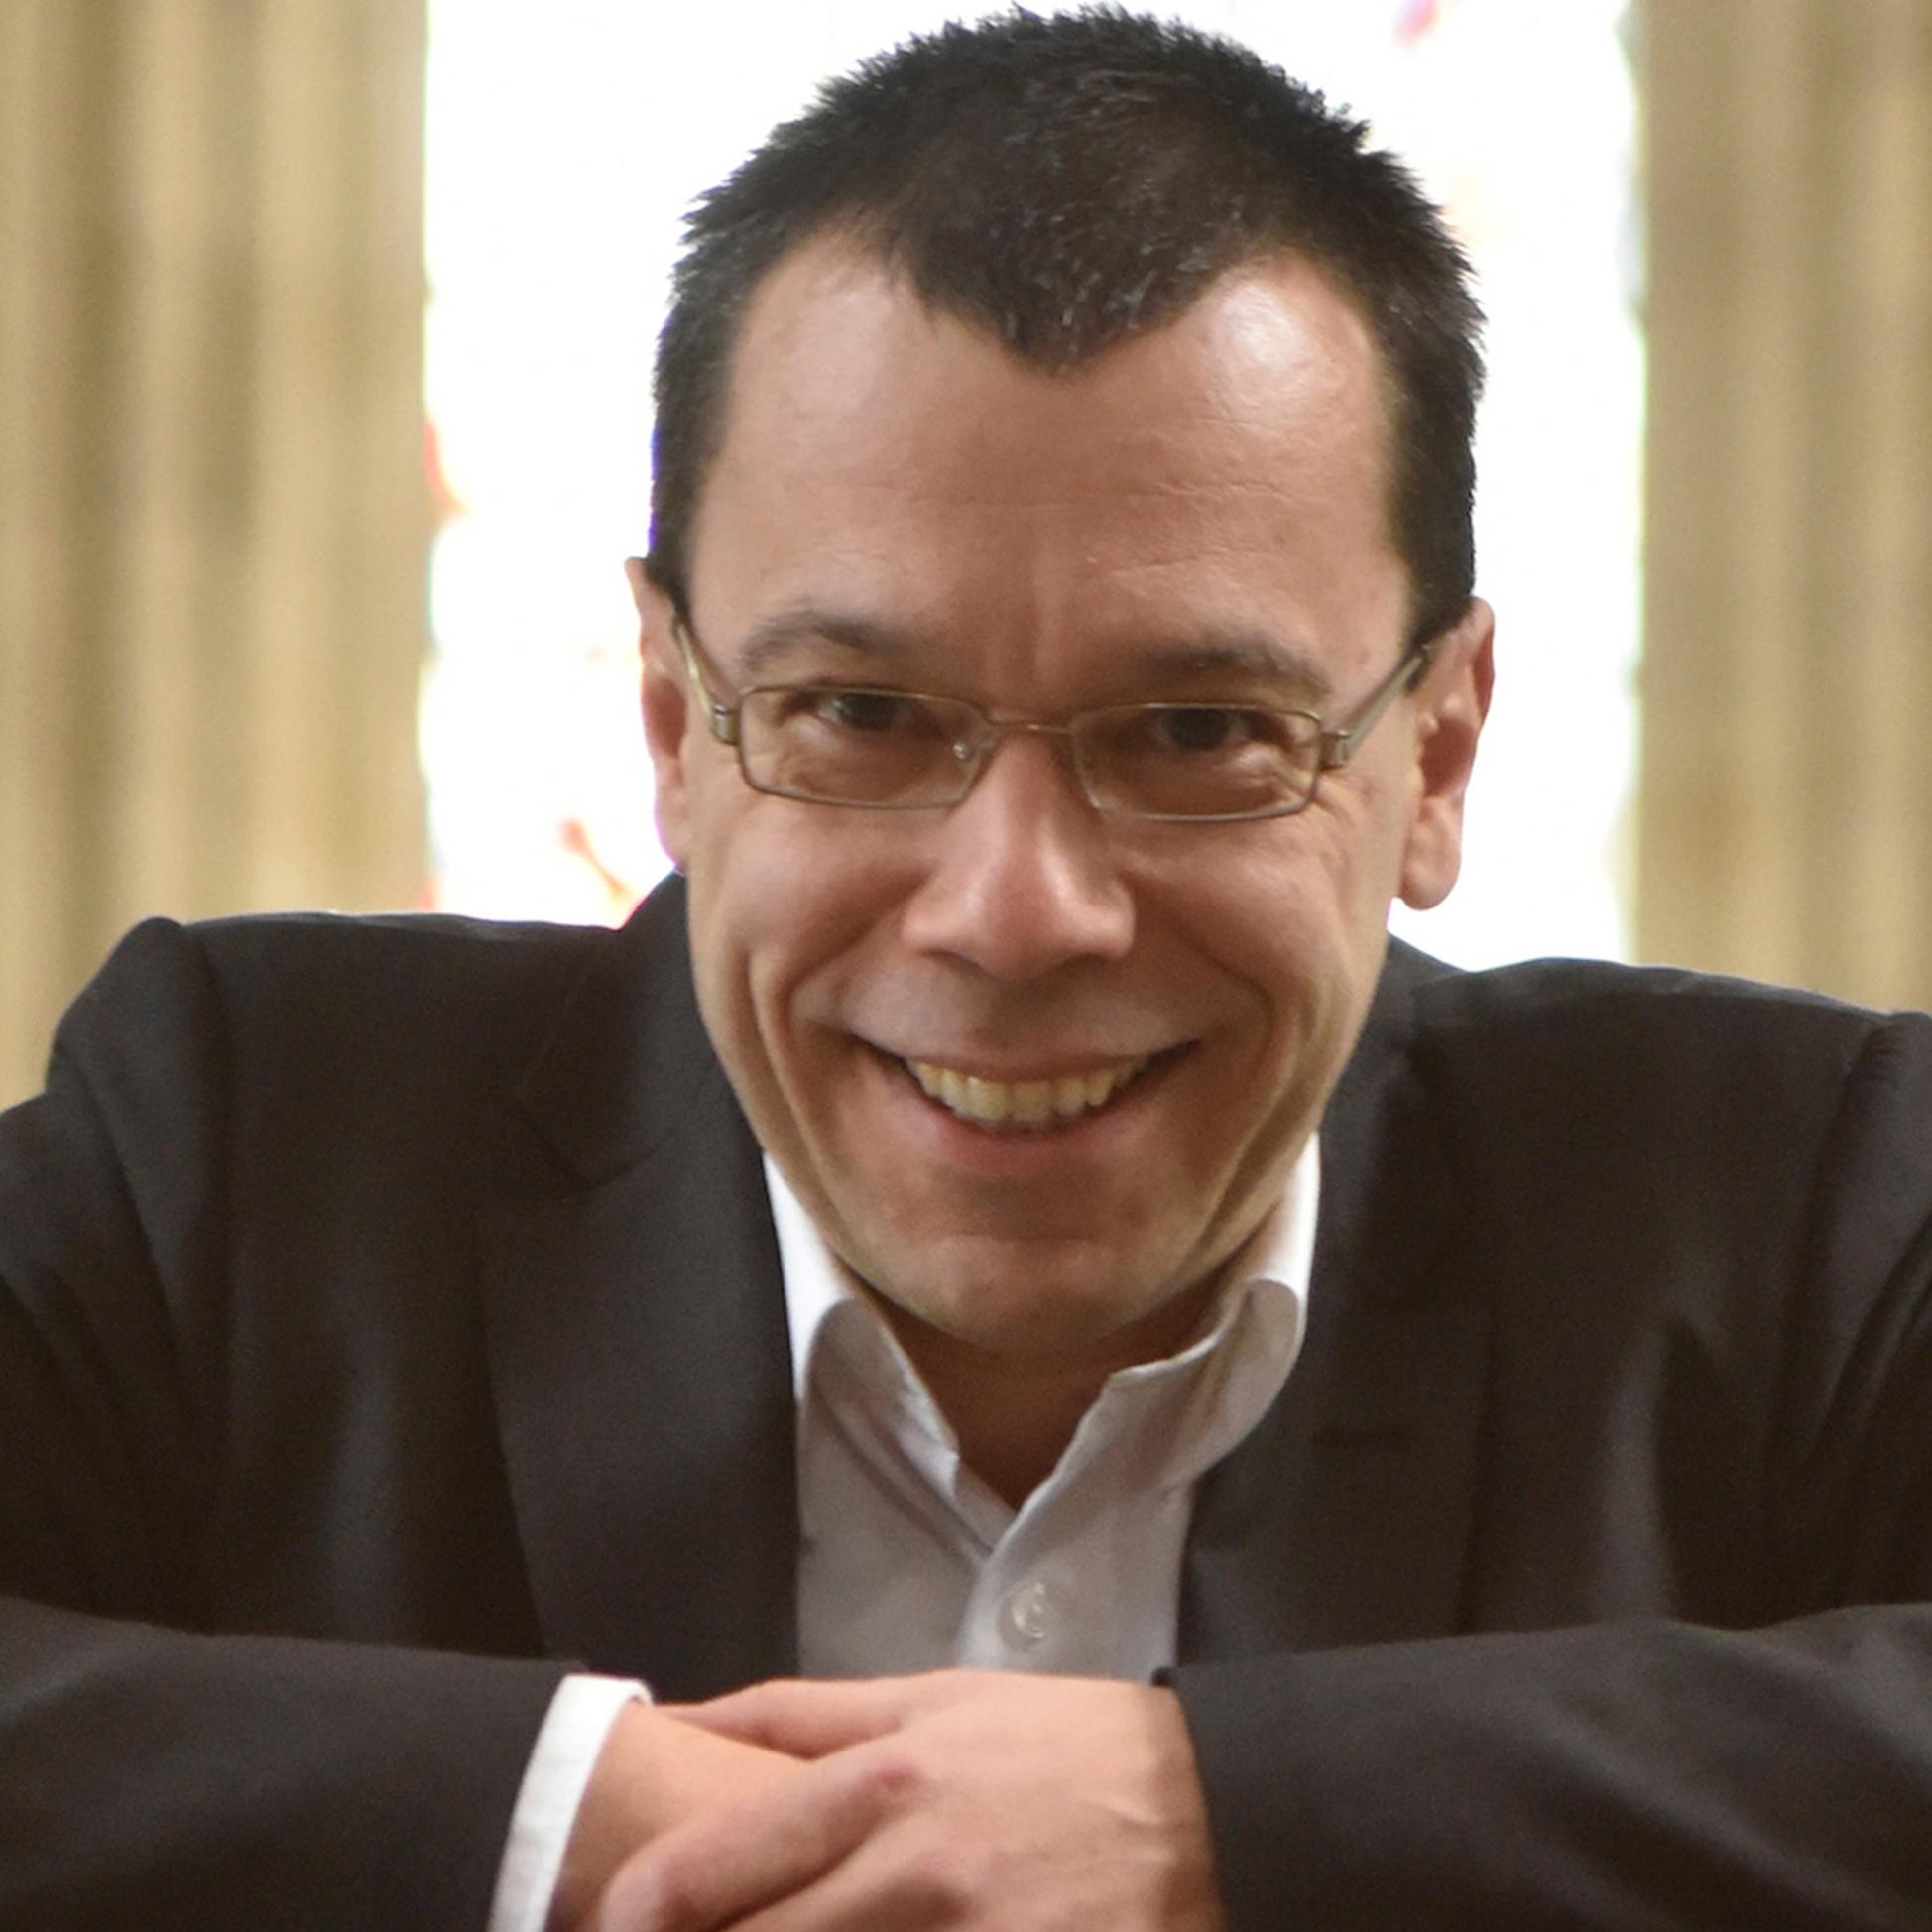 Marcus Strümpe